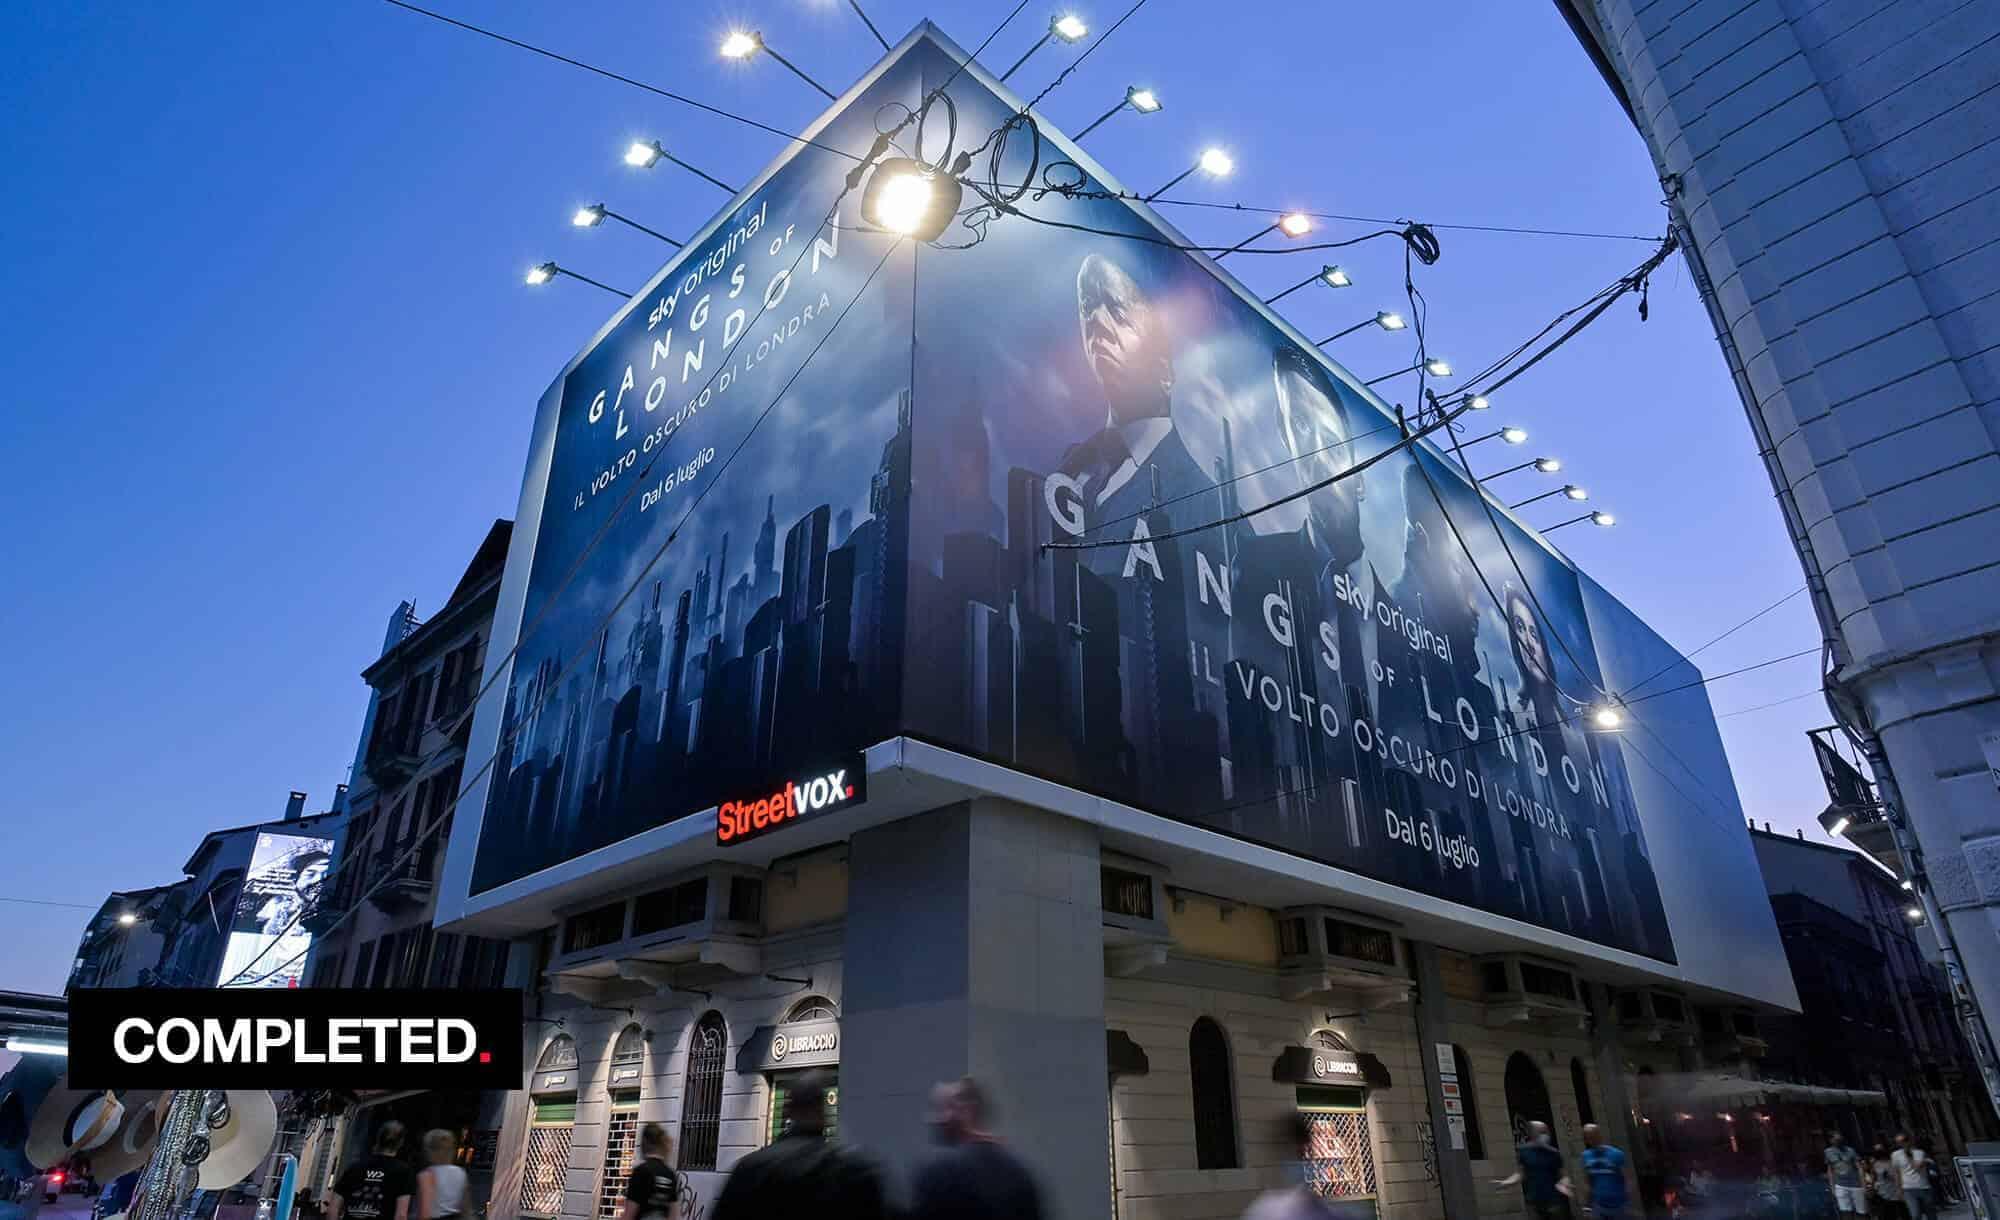 Maxi Affissione Streetvox in Via Corsico 12 sui Navigli a Milano con Sky (Entertainment)